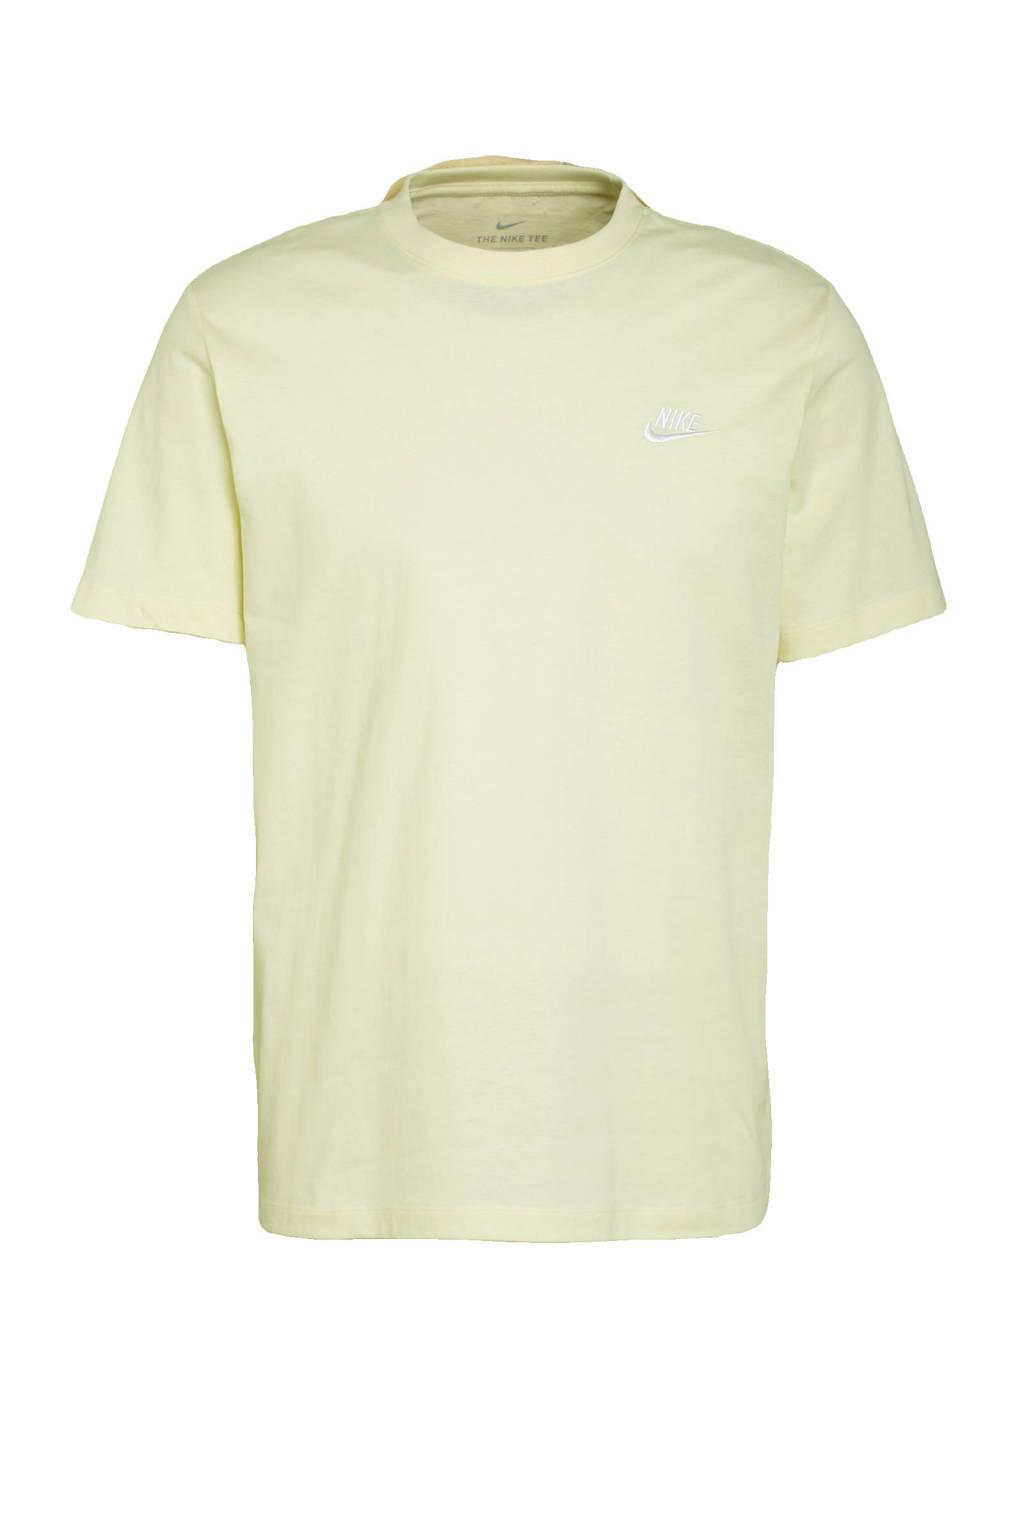 Nike T-shirt geel, Geel